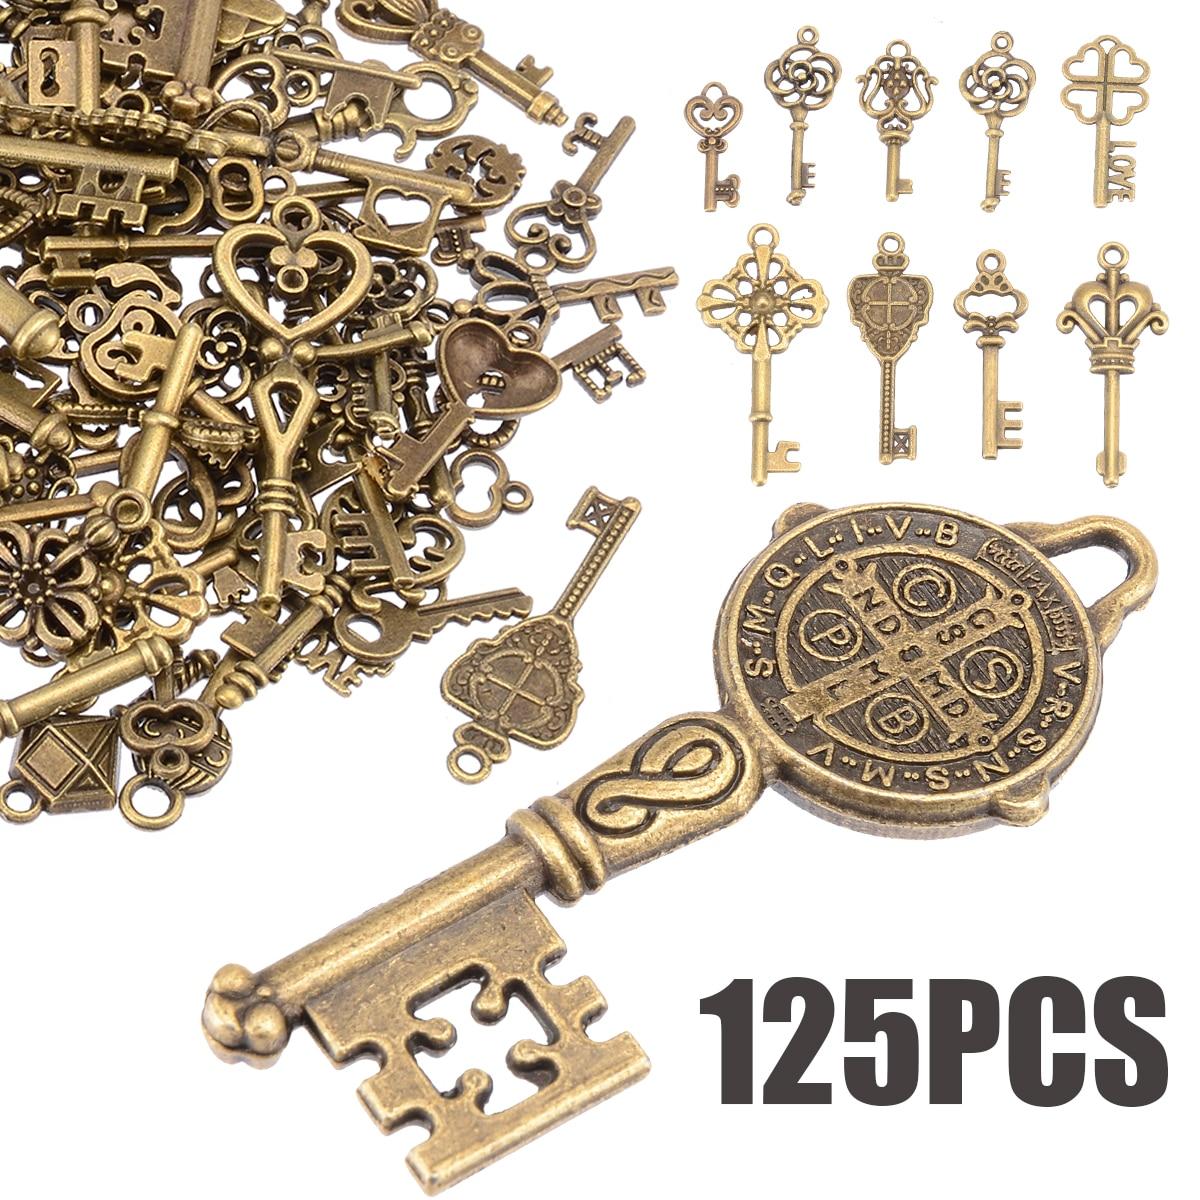 Skeleton-Keys-Lot Necklace Craft Heart-Decor Fancy Old-Look Vintage Antique Gifts Ornate